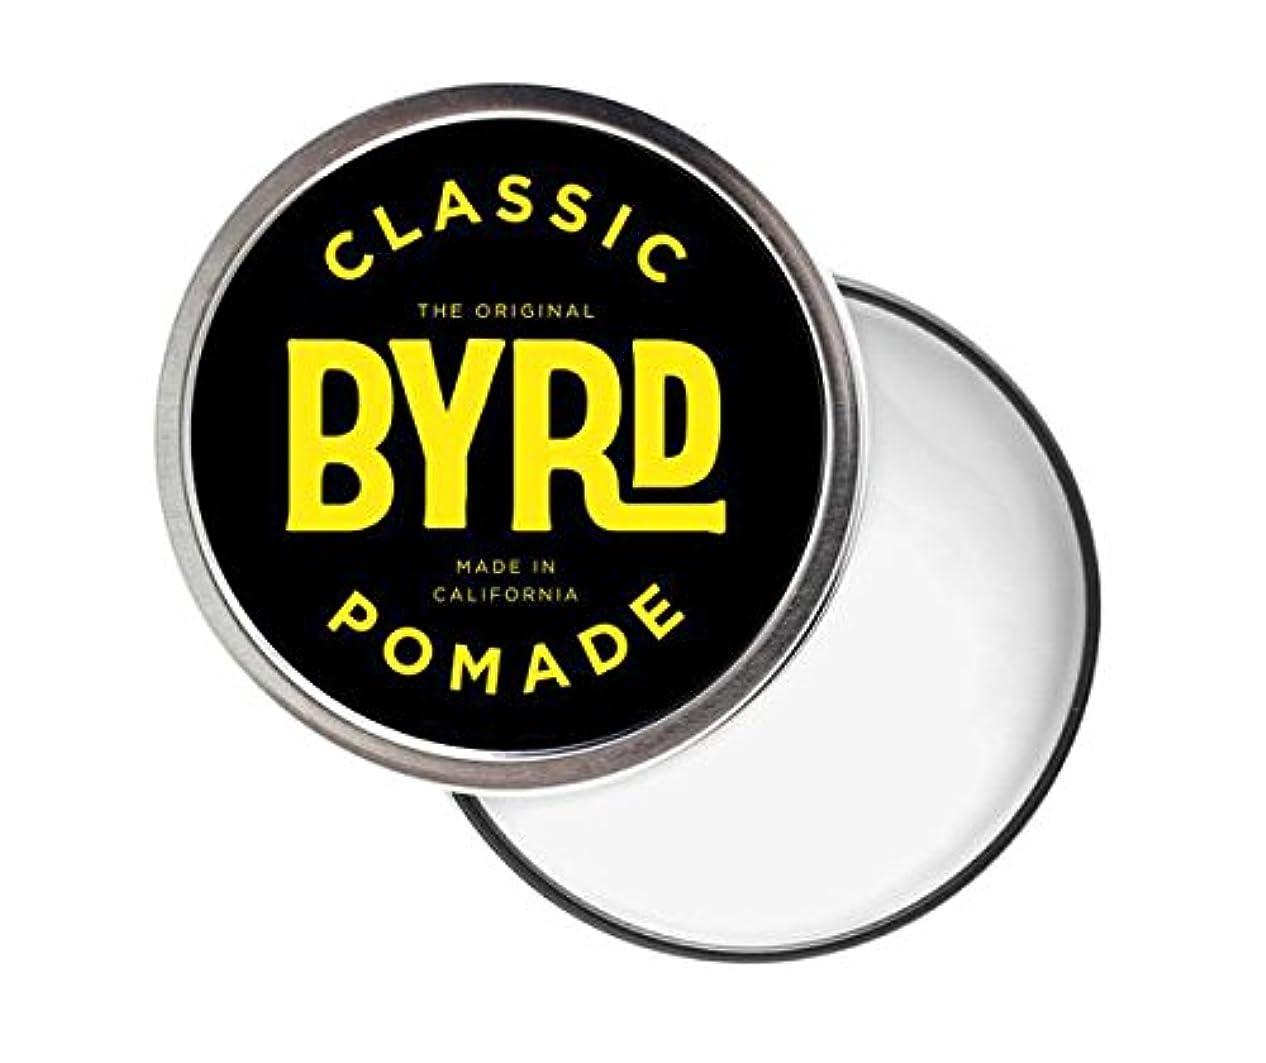 カウント蒸留する弾性BYRD(バード) クラシックポマード 42g